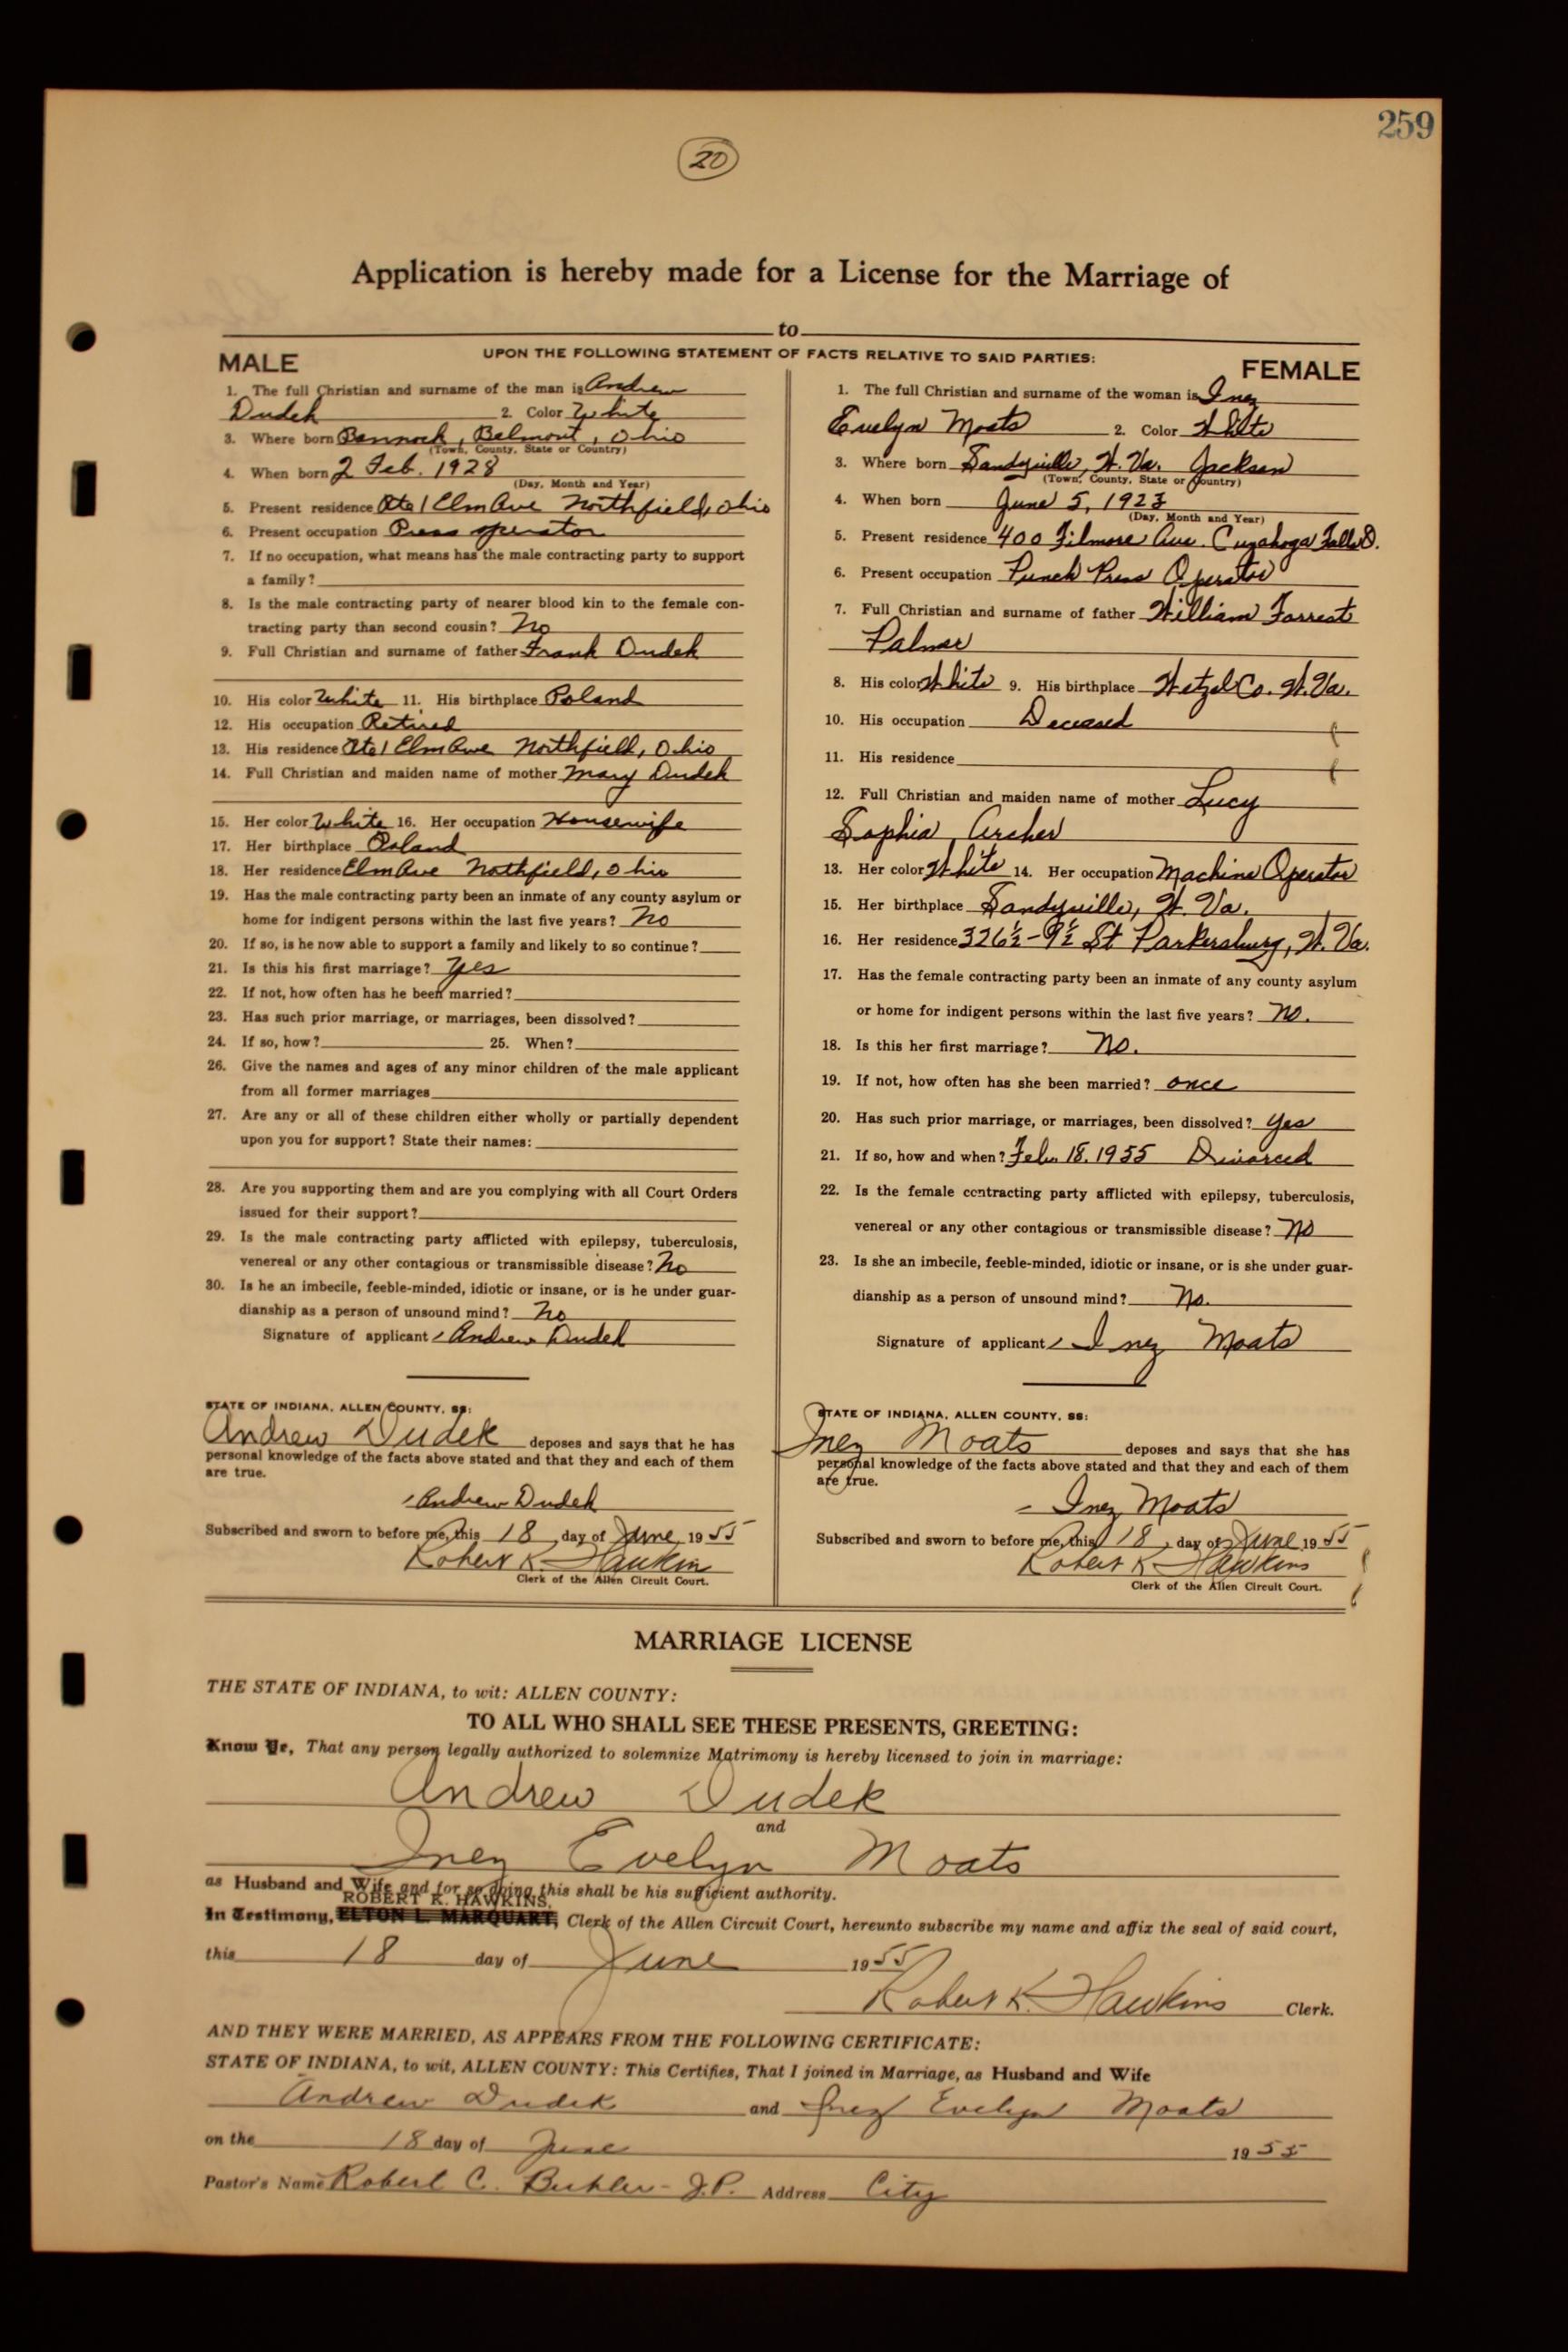 ACGSI - Allen County Marriages